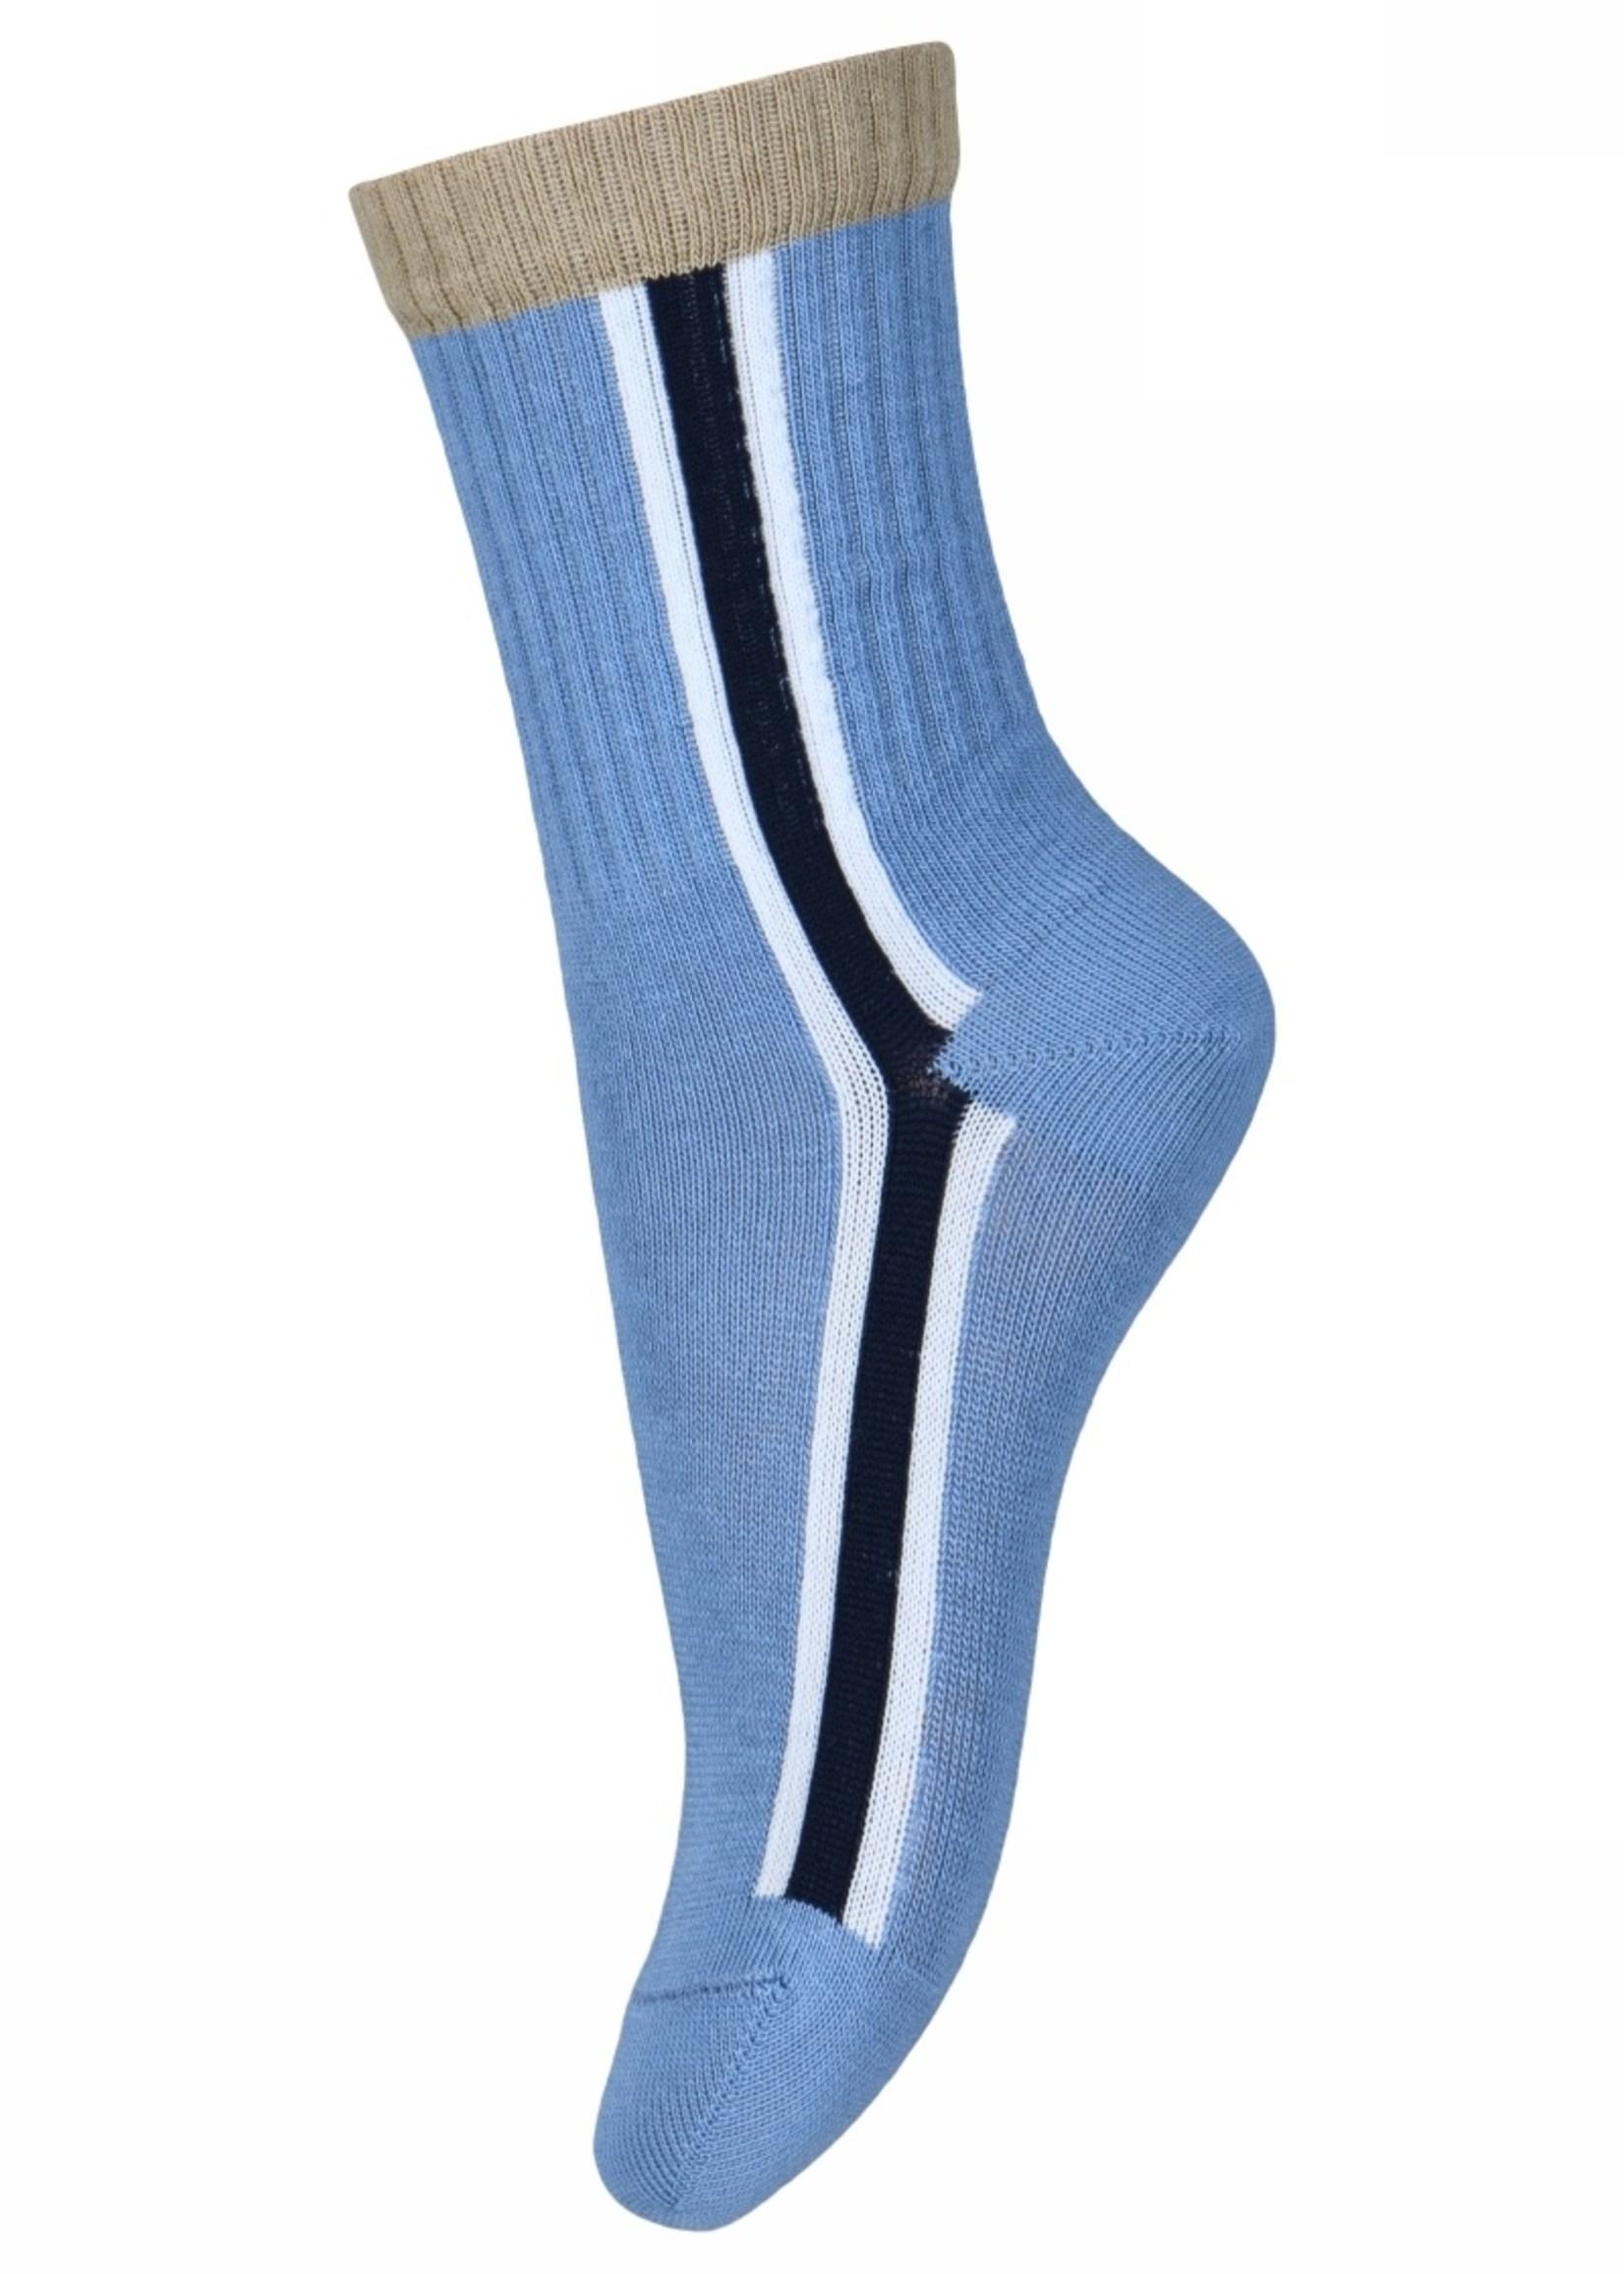 MP Denmark Kai socks - Captains Blue